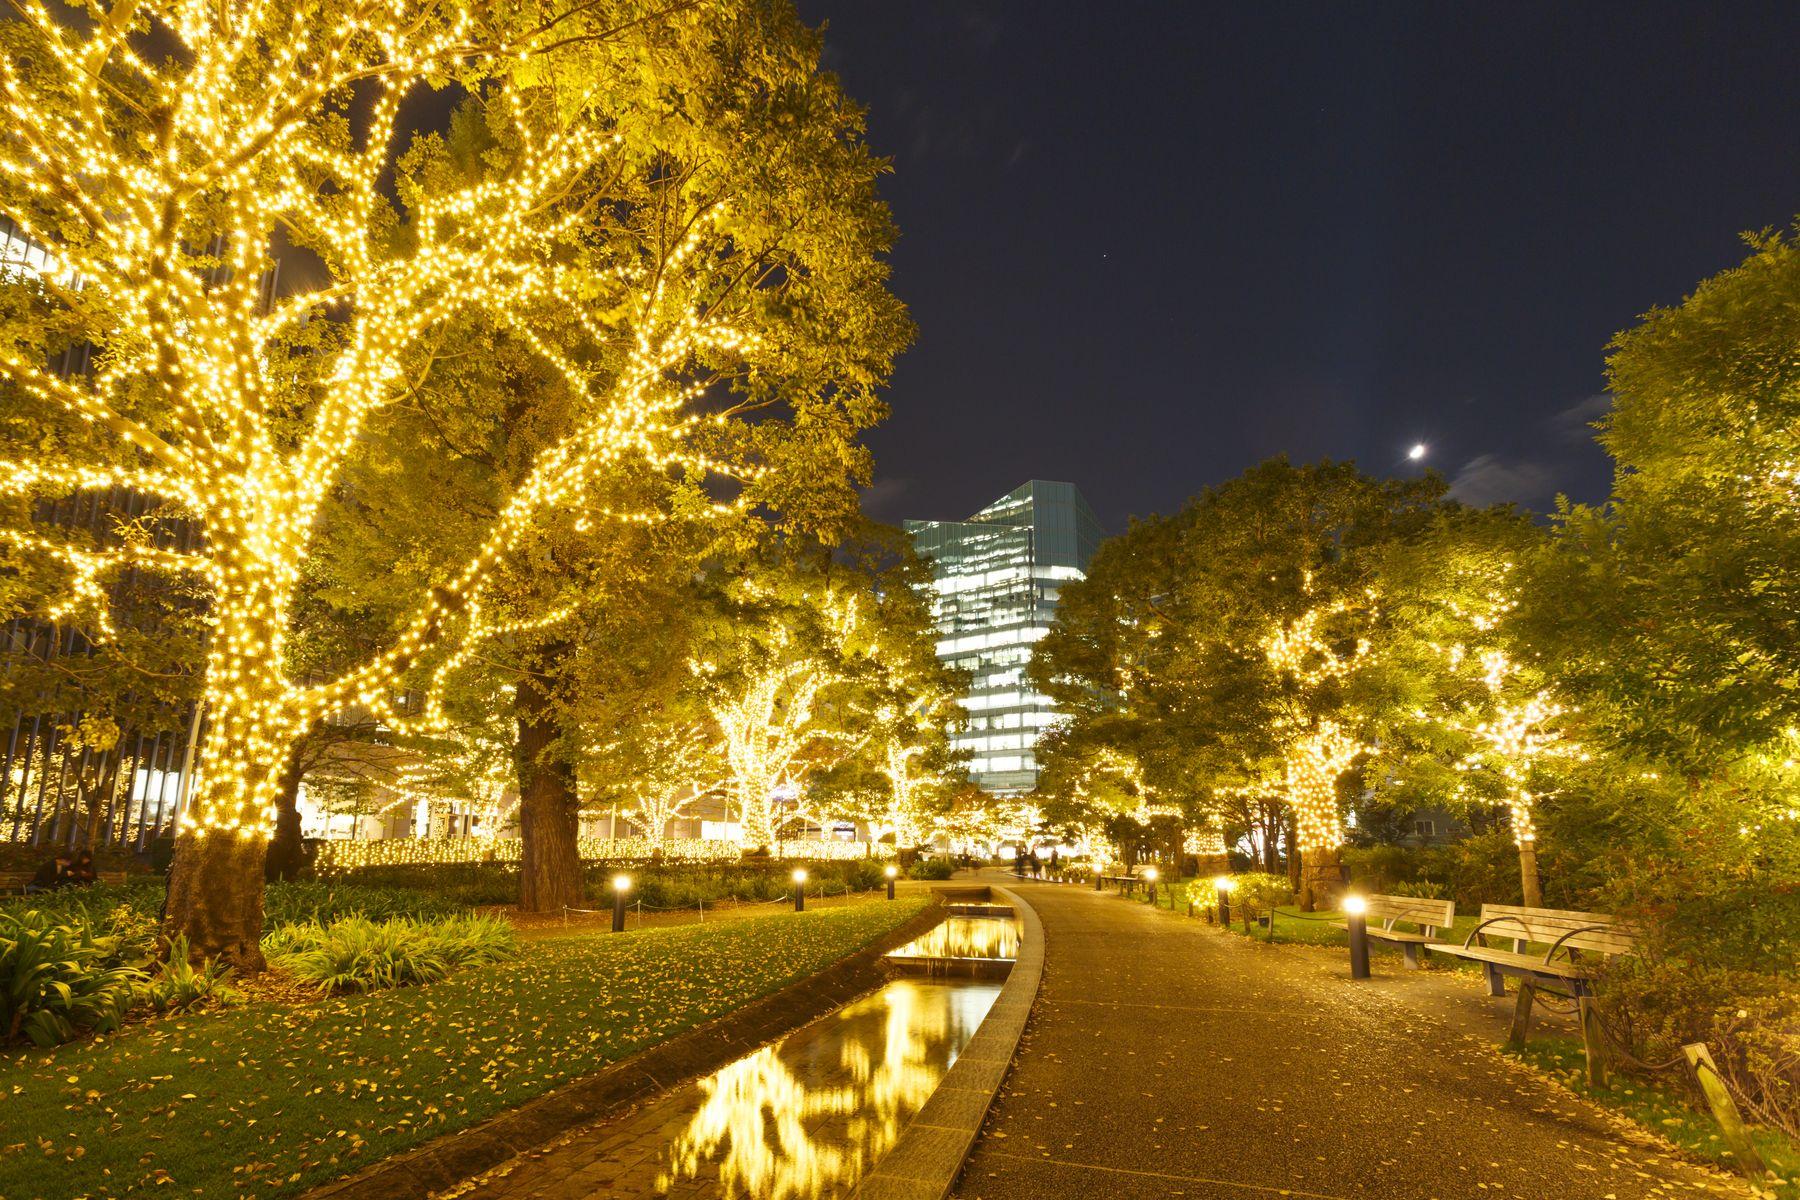 Tokyo Midtown Winter Illumination 2020